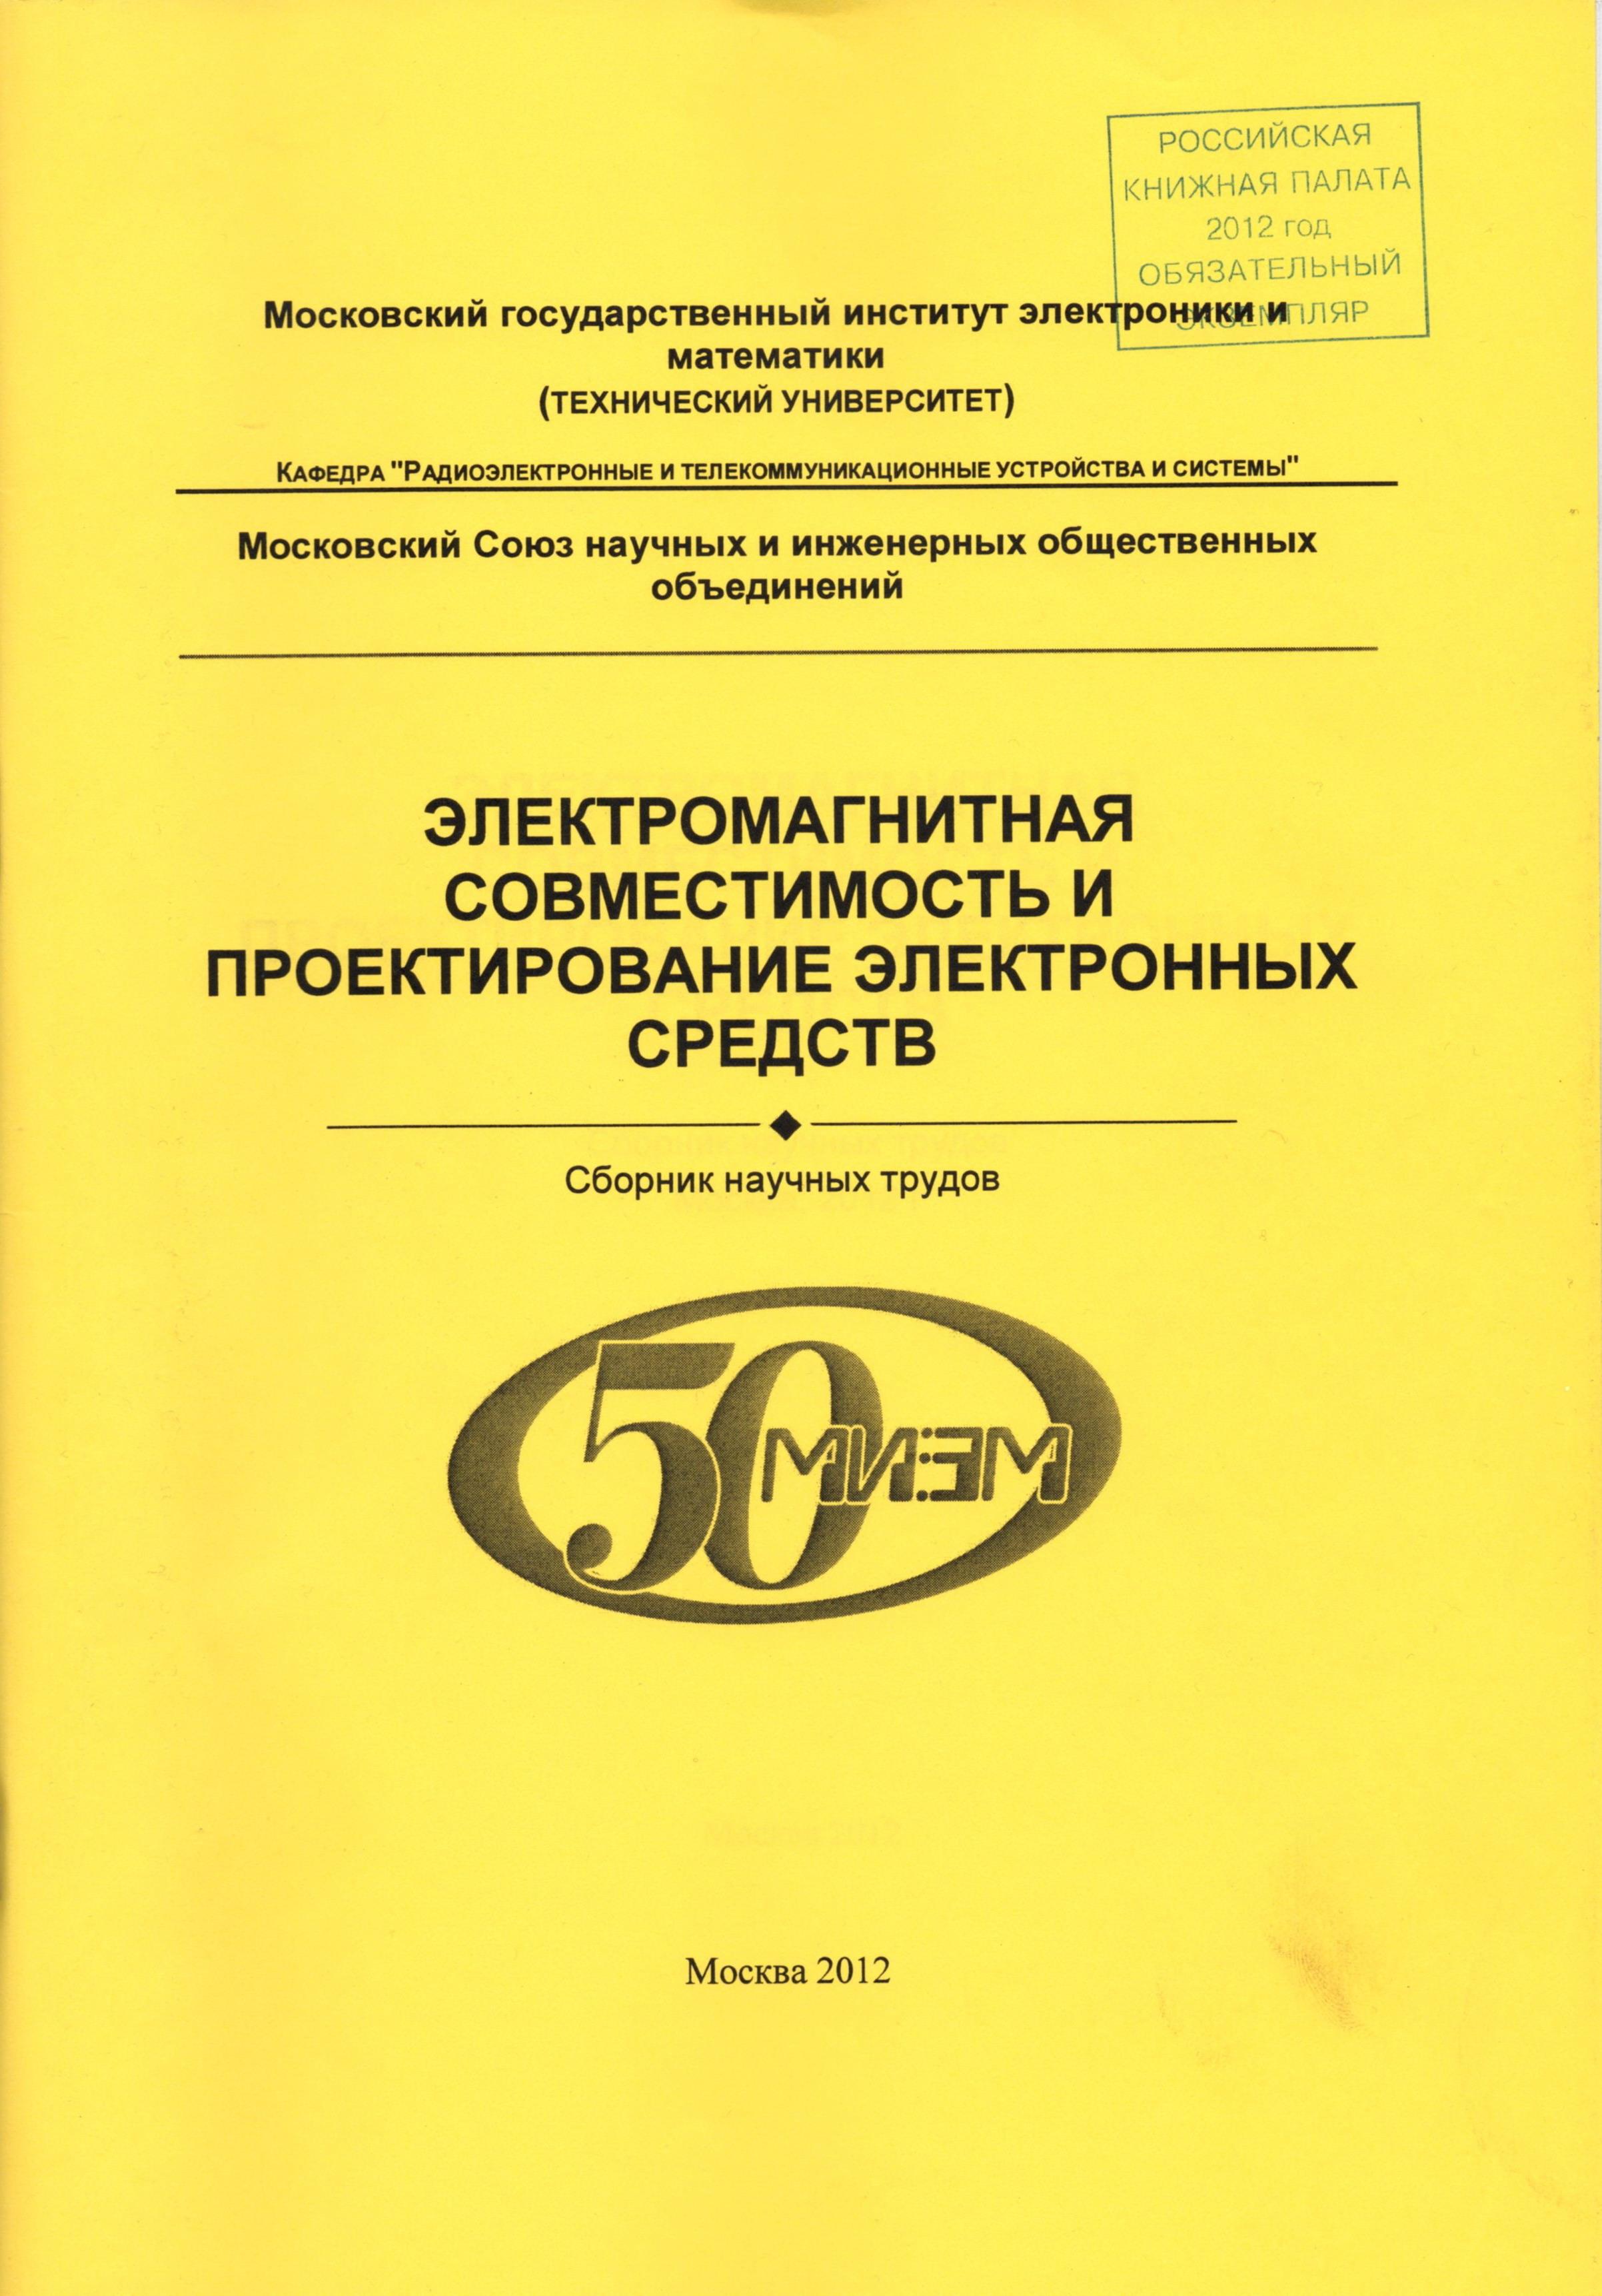 Электромагнитная совместимость и проектирование электронных средств (2012)